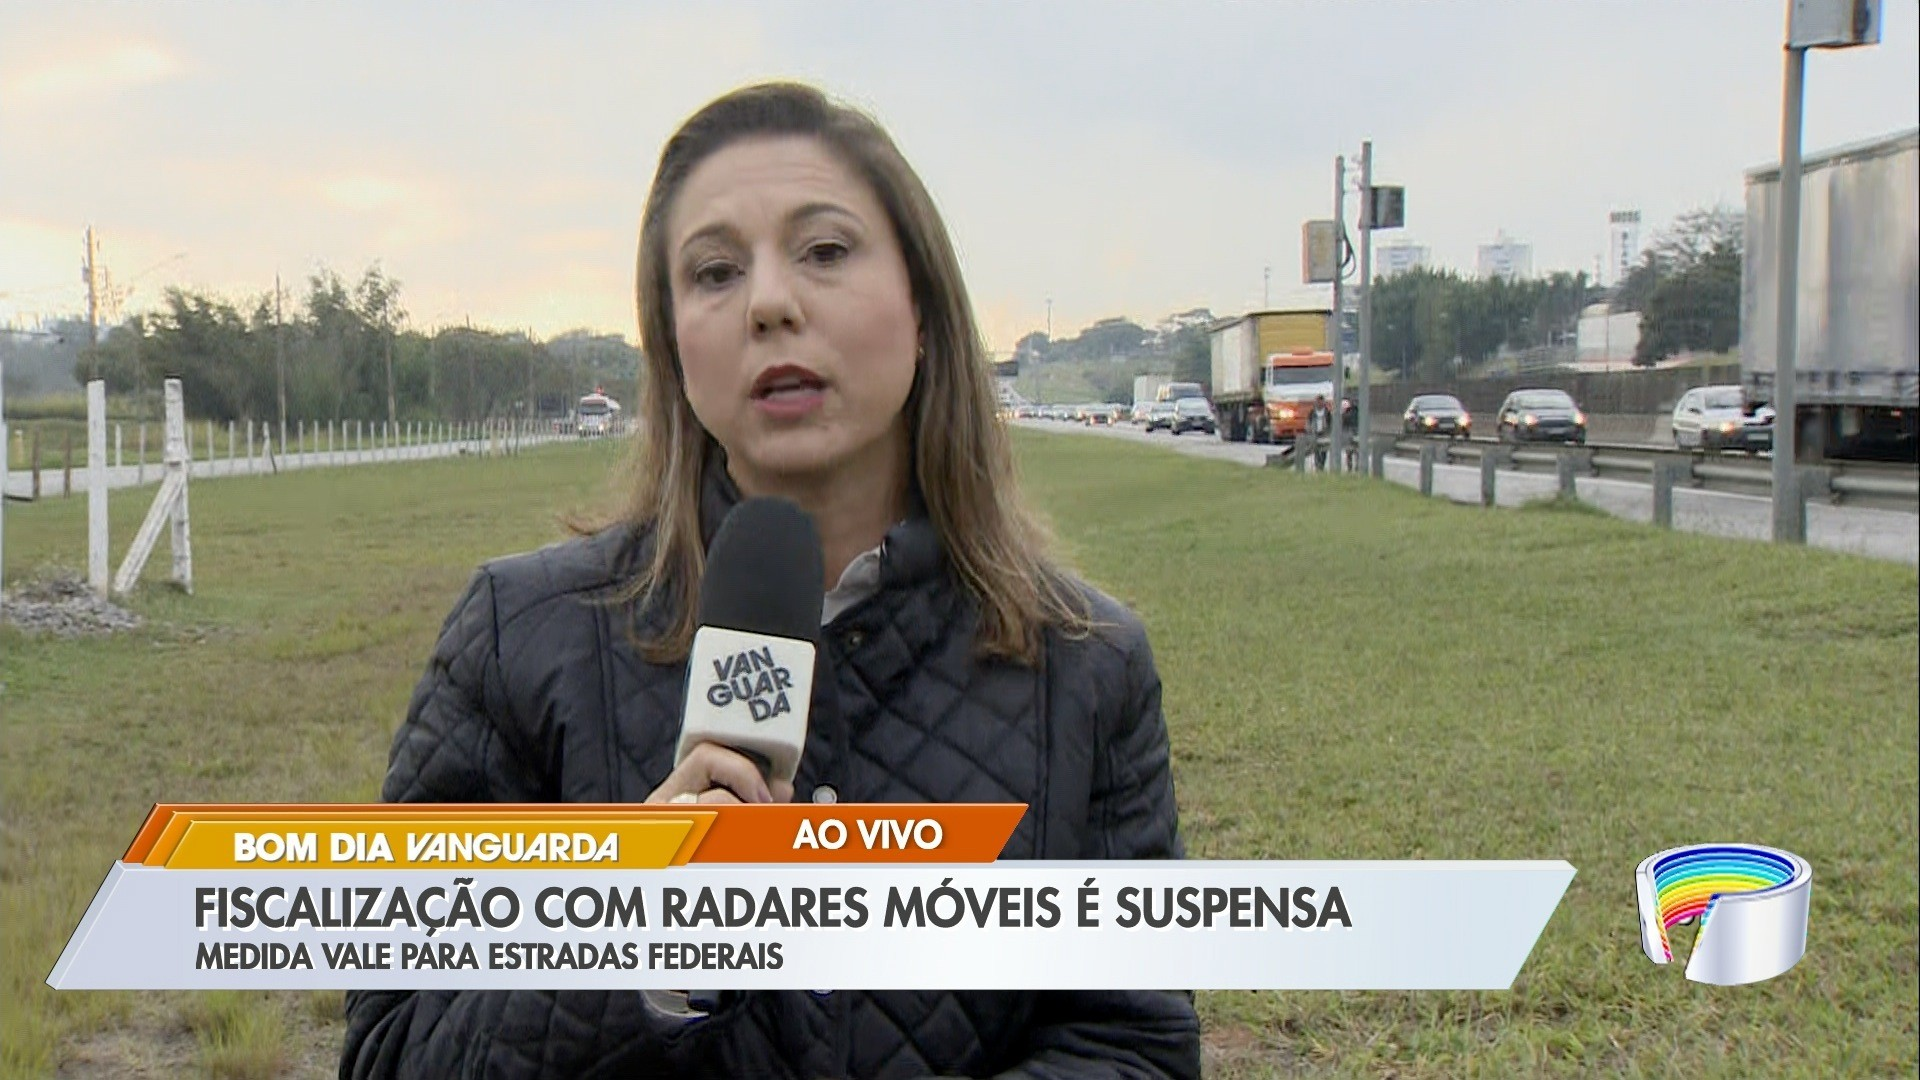 Suspeito de abusar criança de seis anos é preso em flagrante na Zona Norte de Aracaju - Notícias - Plantão Diário